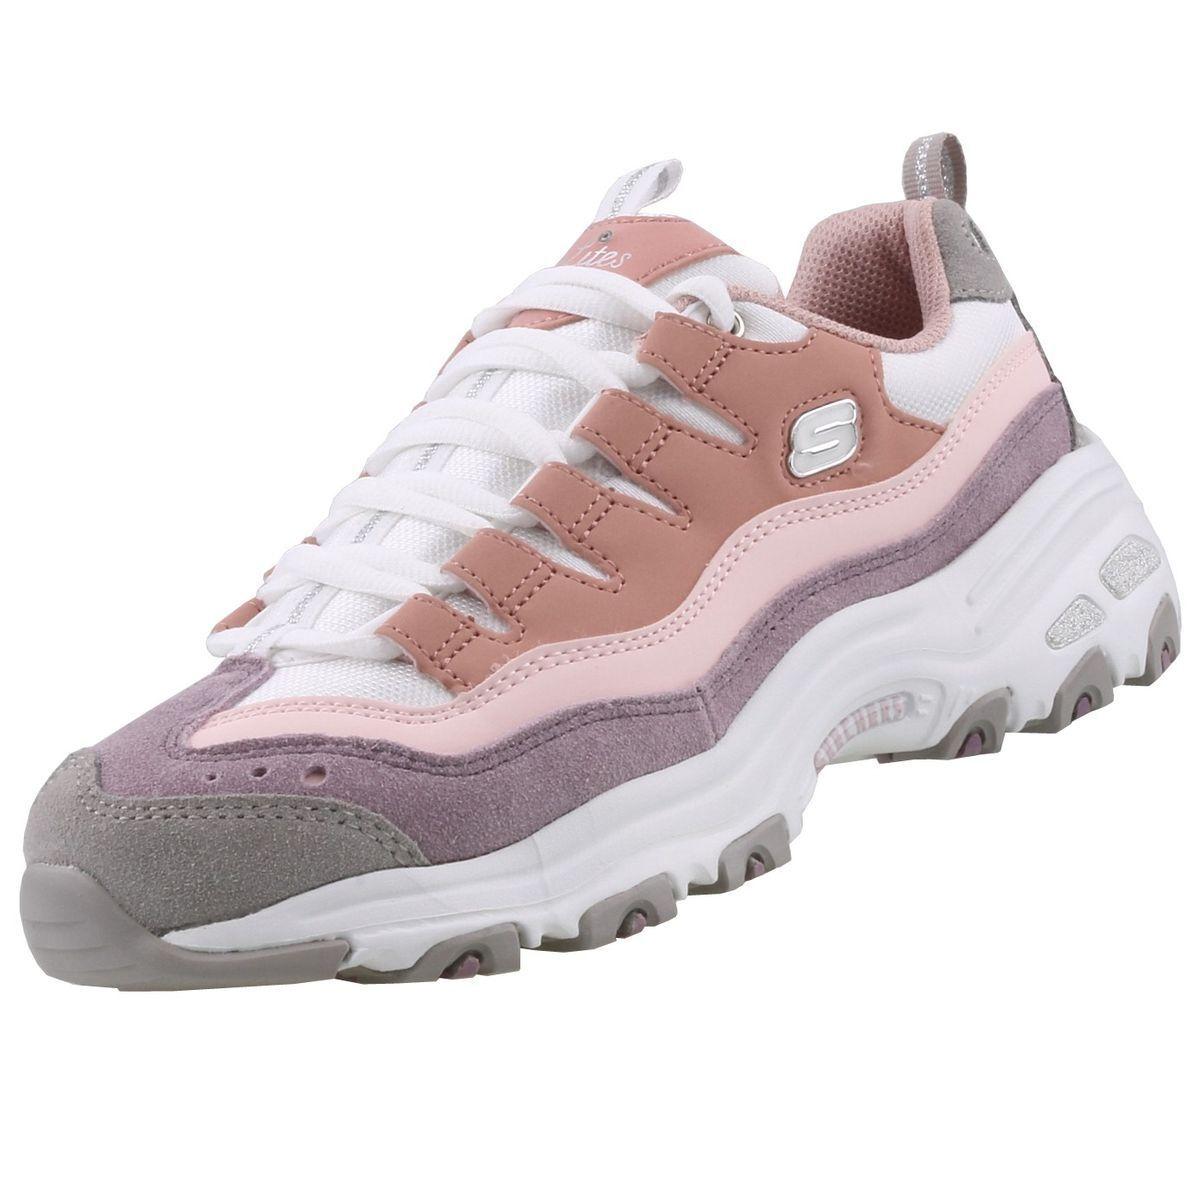 NUEVO Skechers Zapatos Mujer zapatillas D´Lites de cordones Calzado deportivo